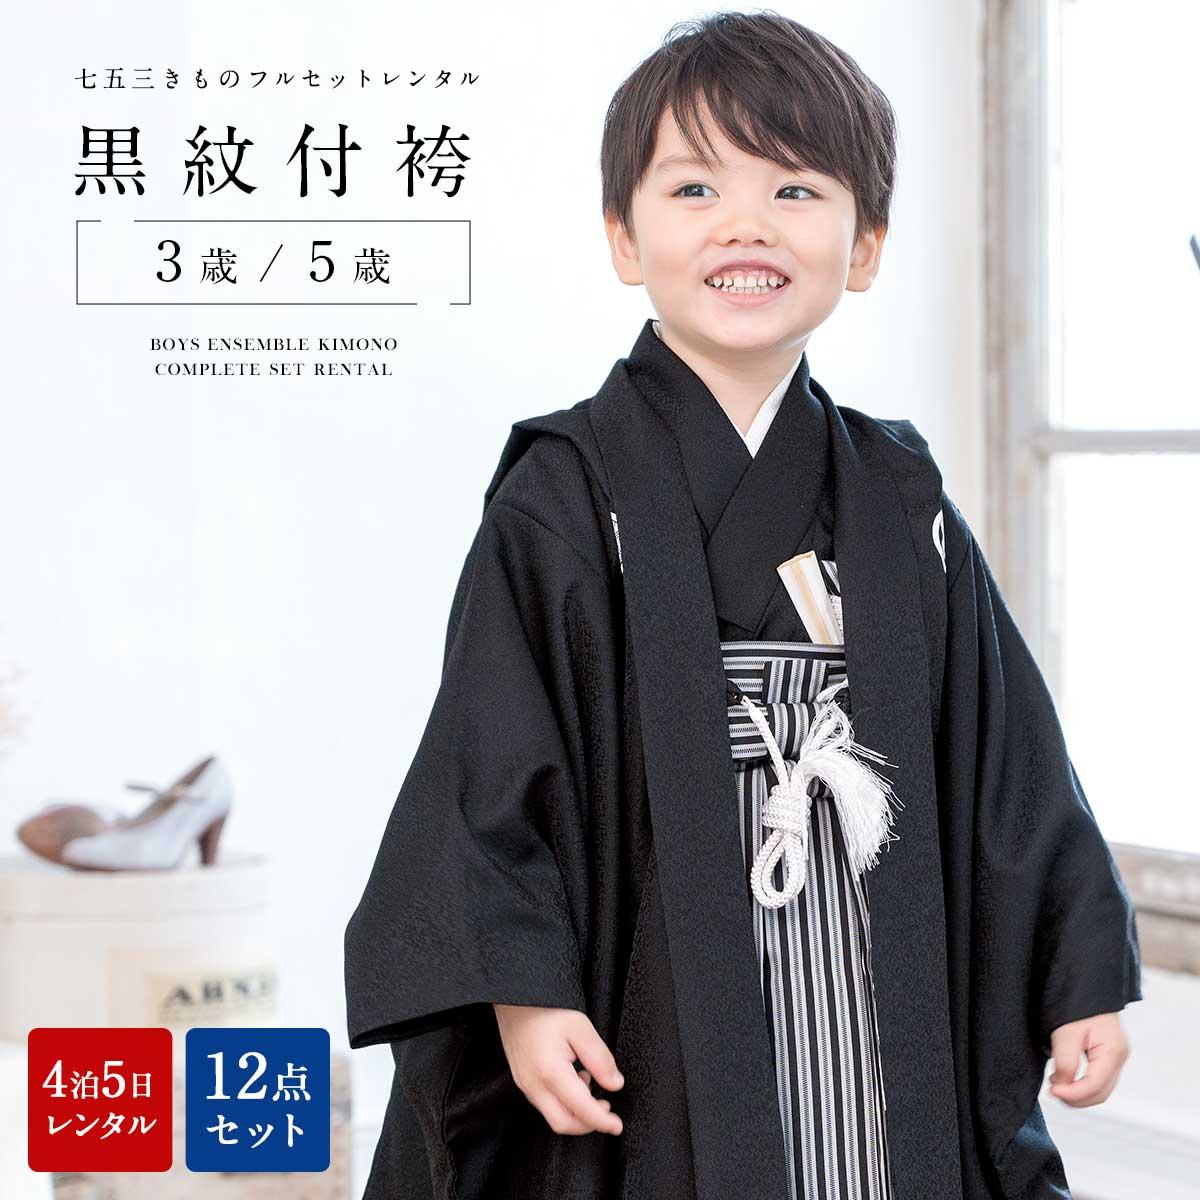 【レンタル 男児黒紋付き袴セット】